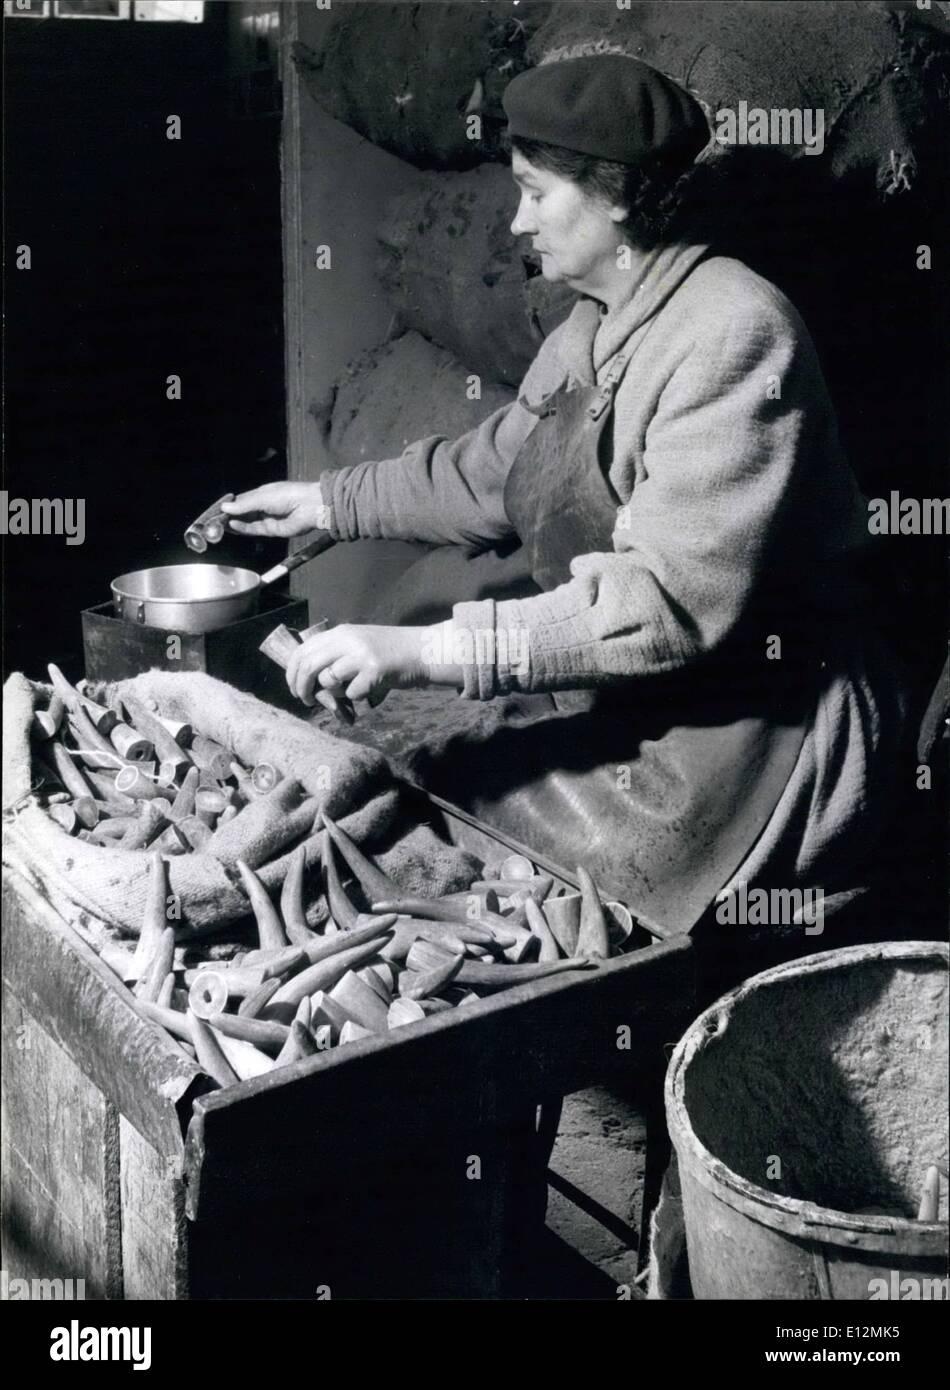 24 février 2012 - Quelle est sa ligne? Mme Edith Durlow a été quinze ans avec l'entreprise. Elle plonge dans le suif cornes pour empêcher la fissuration pendant le tri. Photo Stock